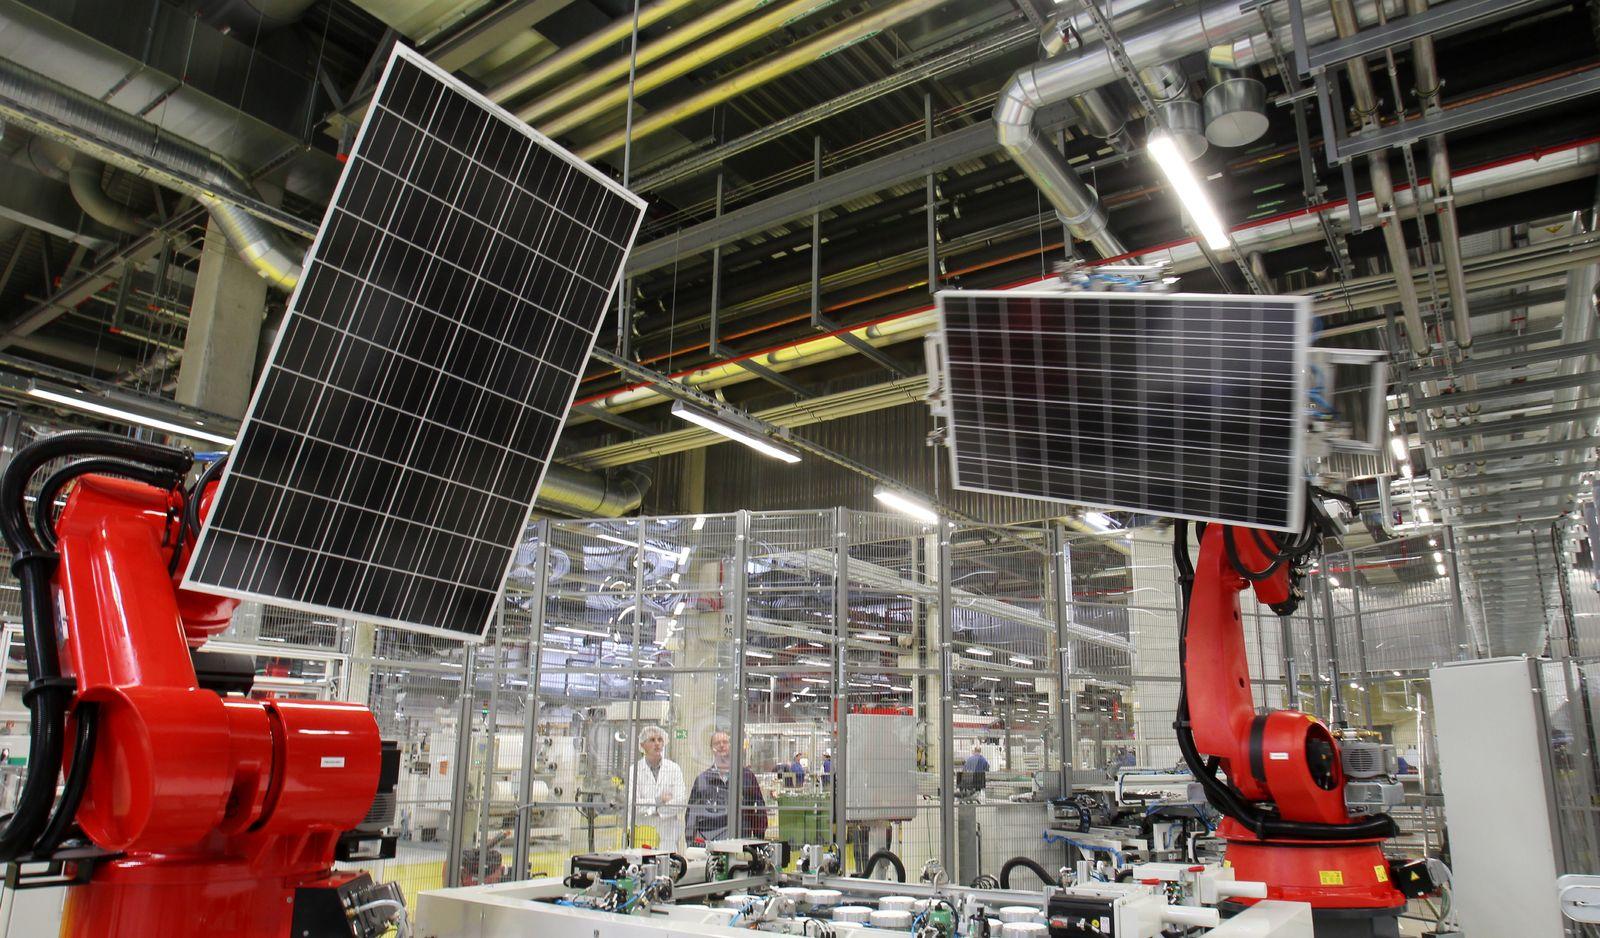 NICHT VERWENDEN Produktion/Unternehmen/Solar